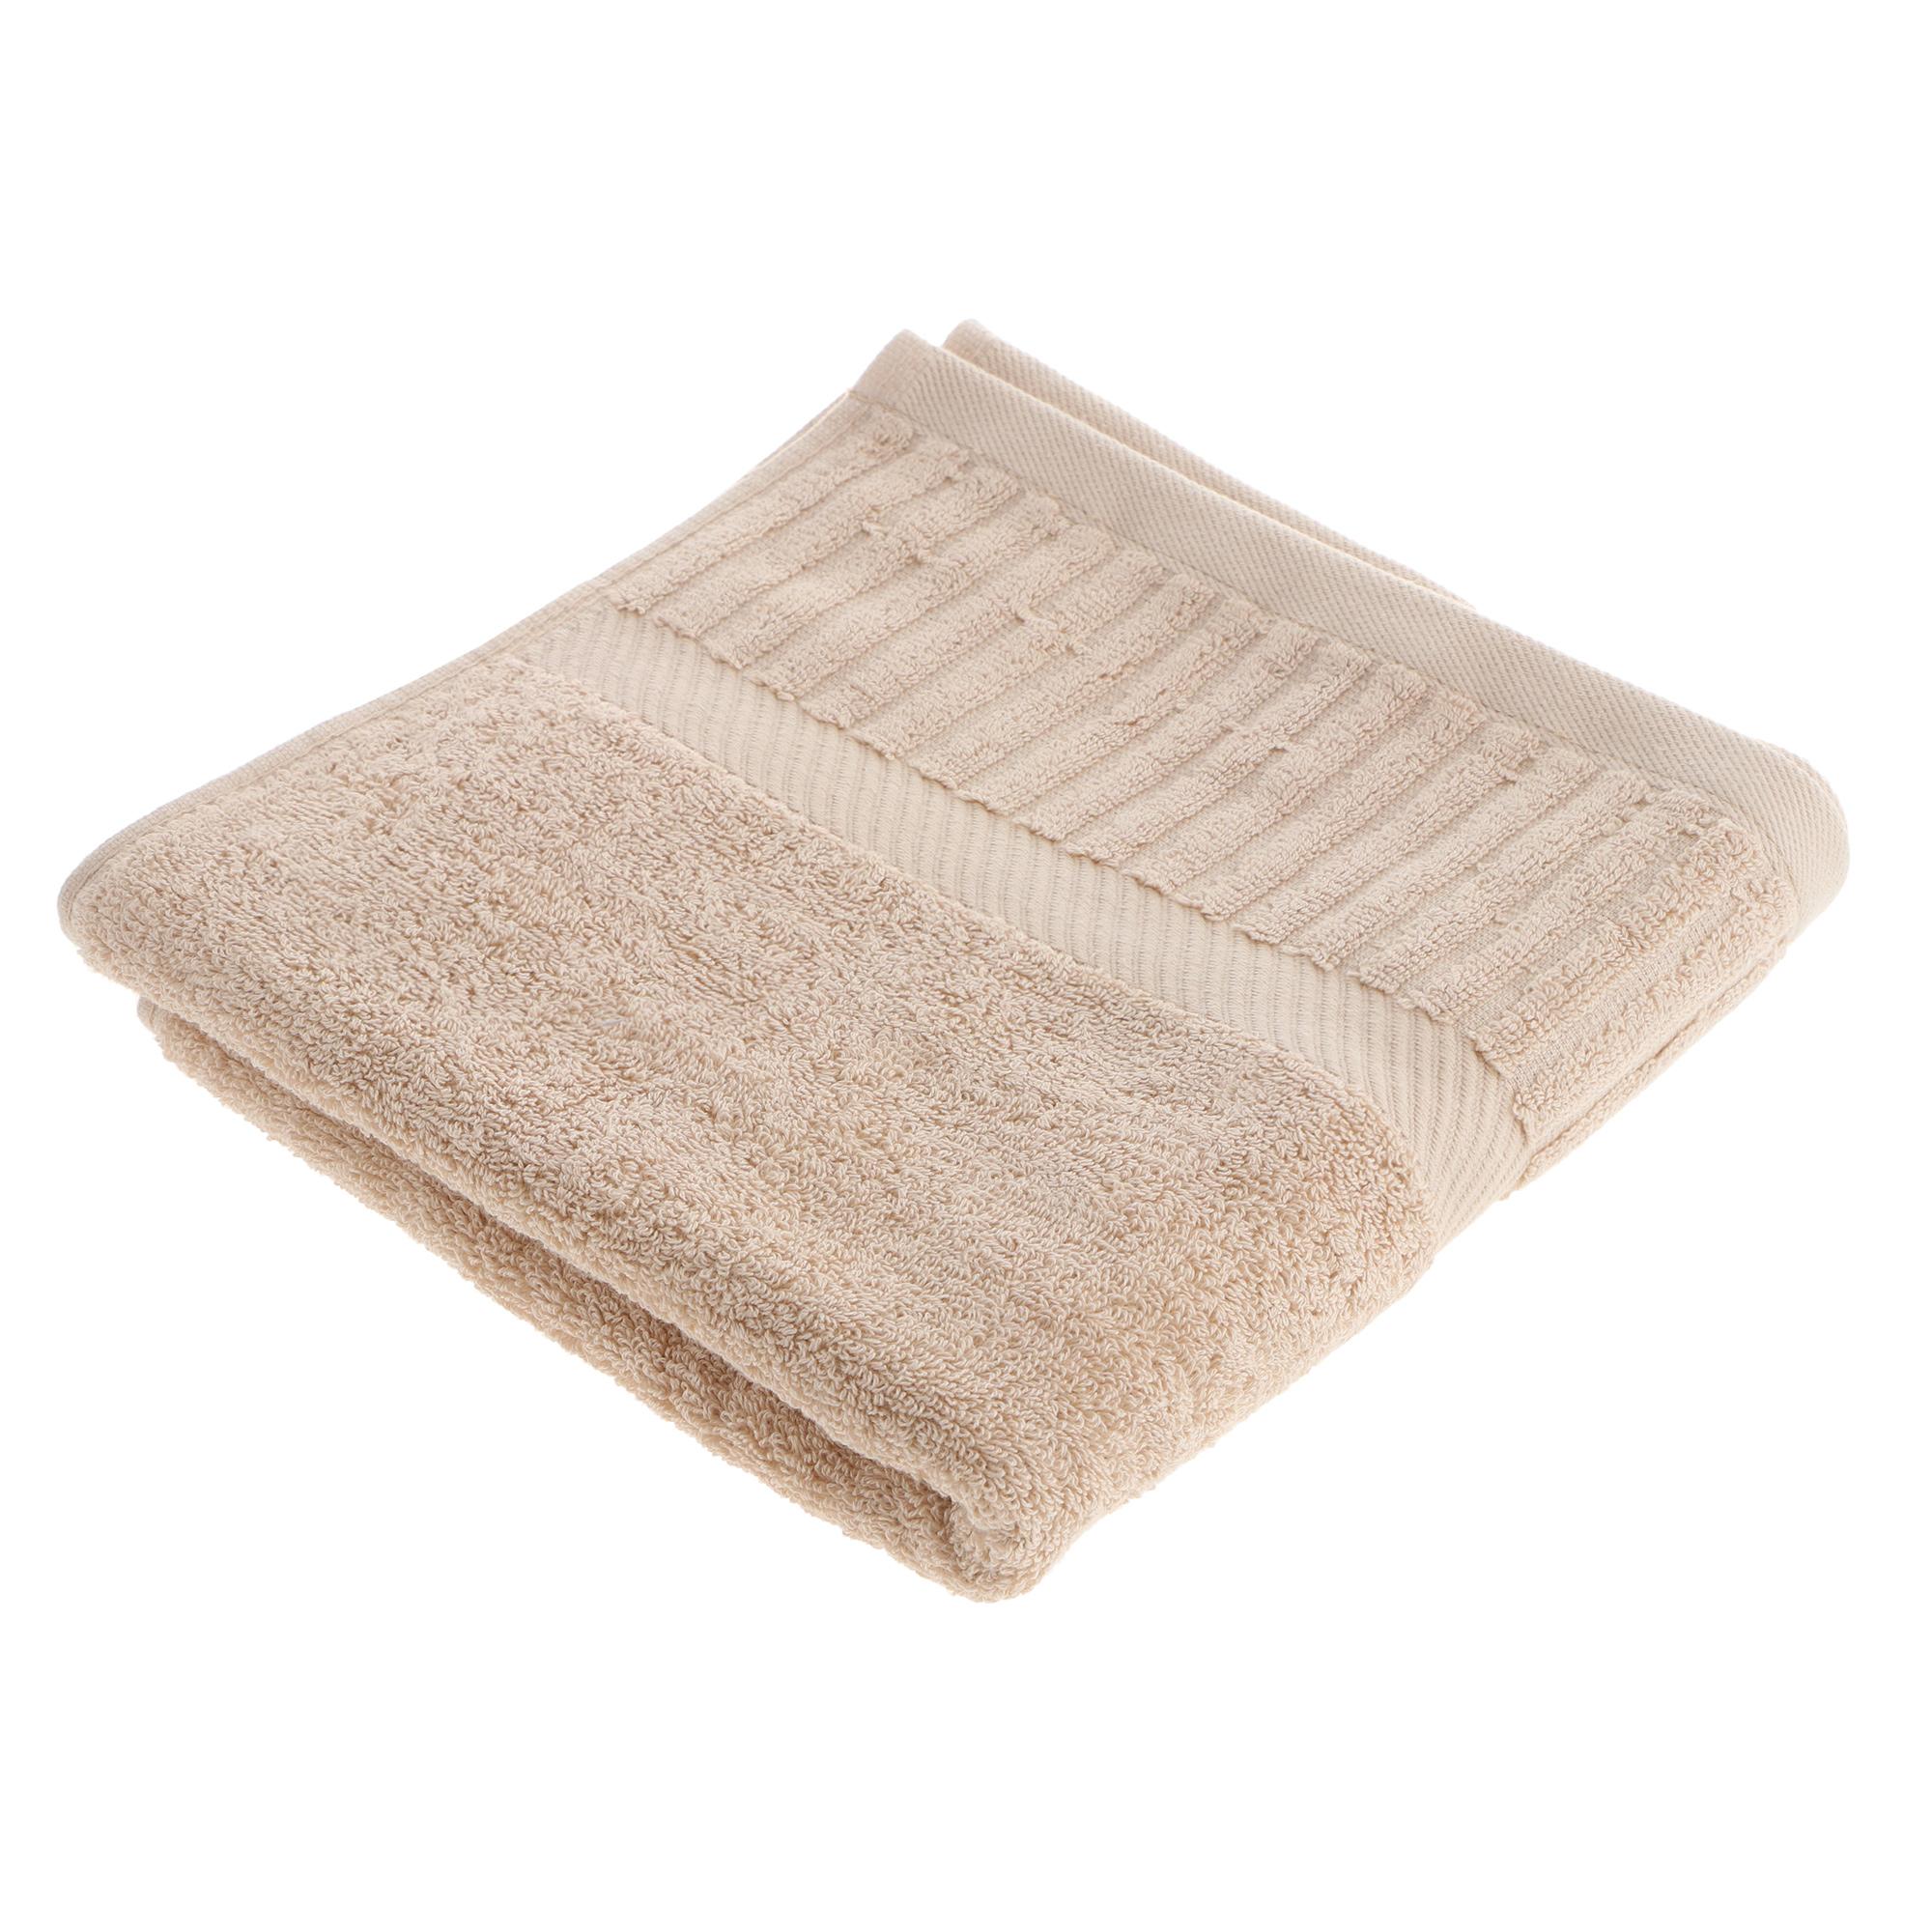 Полотенце Estia тасти бежевый 40x60 полотенце томдом пениома светло бежевый